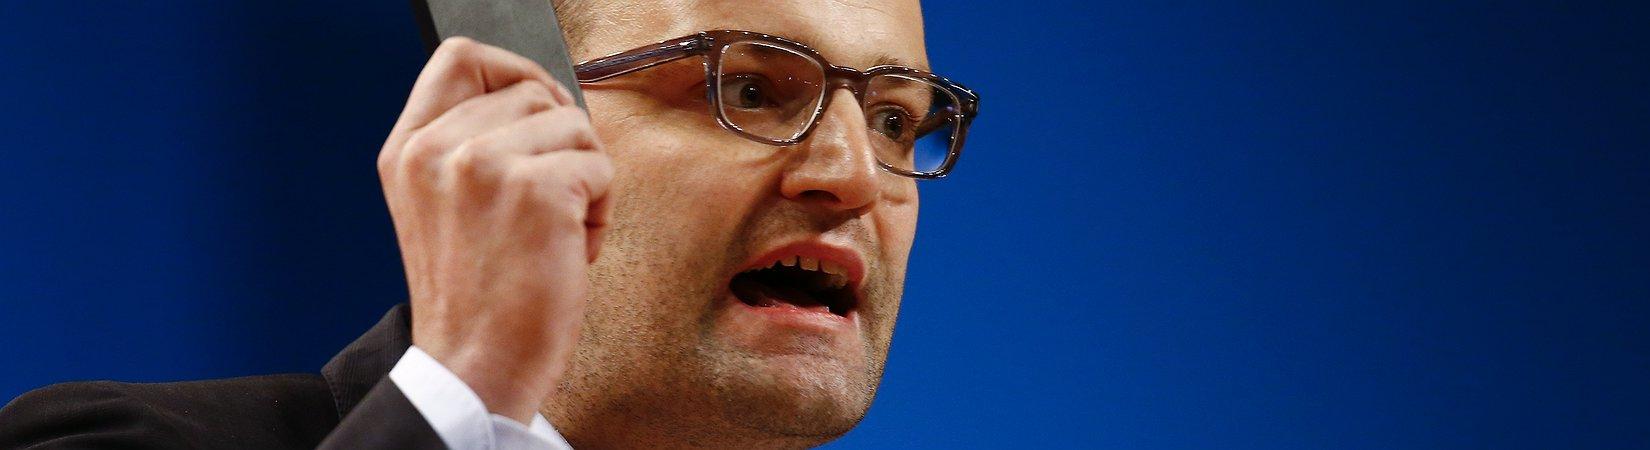 Jens Spahn: homosexuell und konservativ